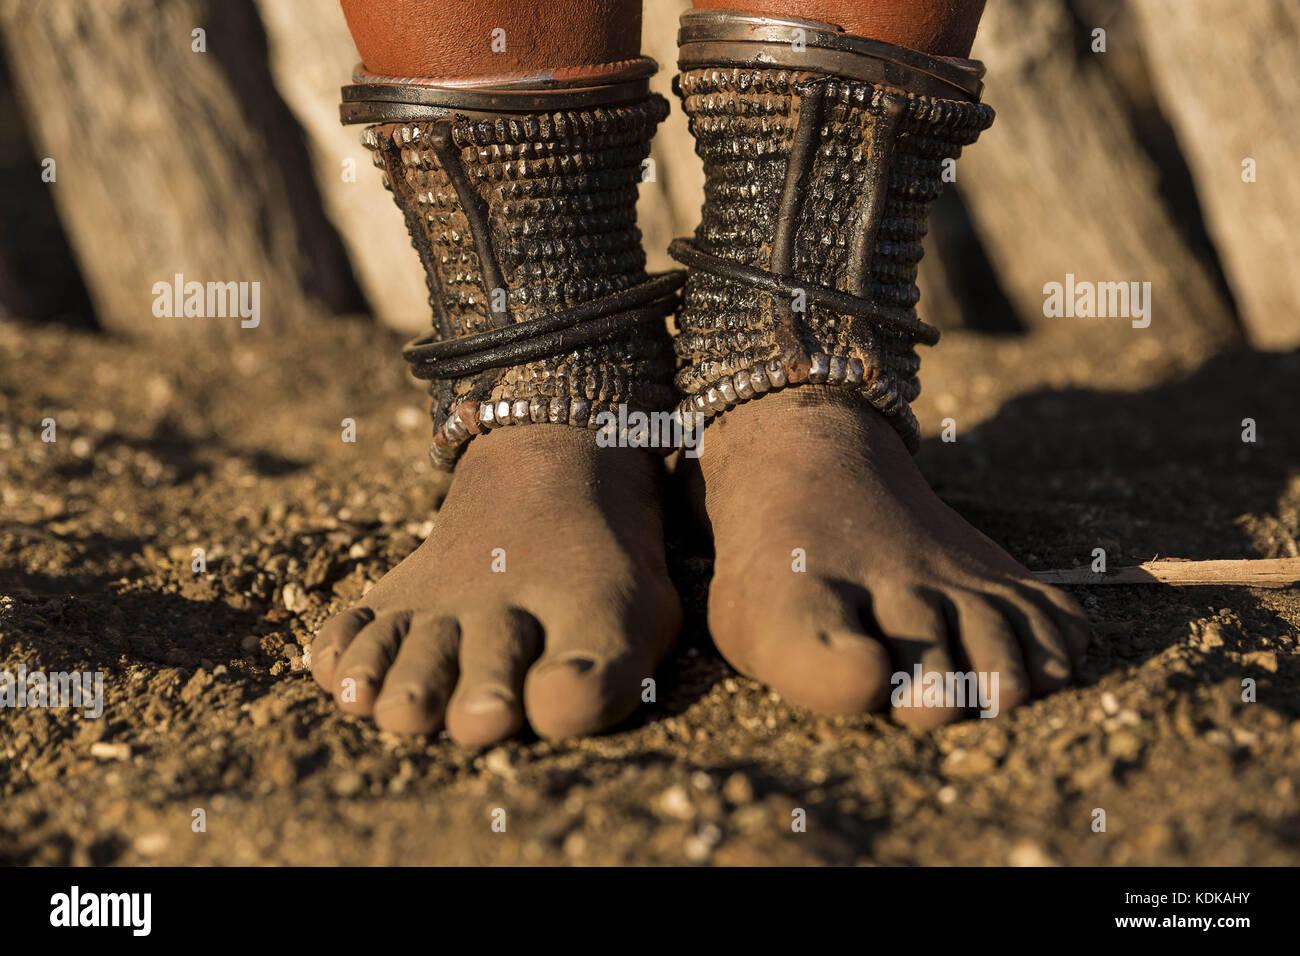 Regione di kunene, Angola. Il 24 luglio, 2016. L'adulto Le donne himba hanno tutti bordato cavigliere (omohanga) che li aiutano a nascondere il loro denaro. Il cavigliere anche proteggere le gambe da animali velenosi morsi. Credito: Tariq zaidiz reportage.com/zuma/filo/alamy live news Foto Stock